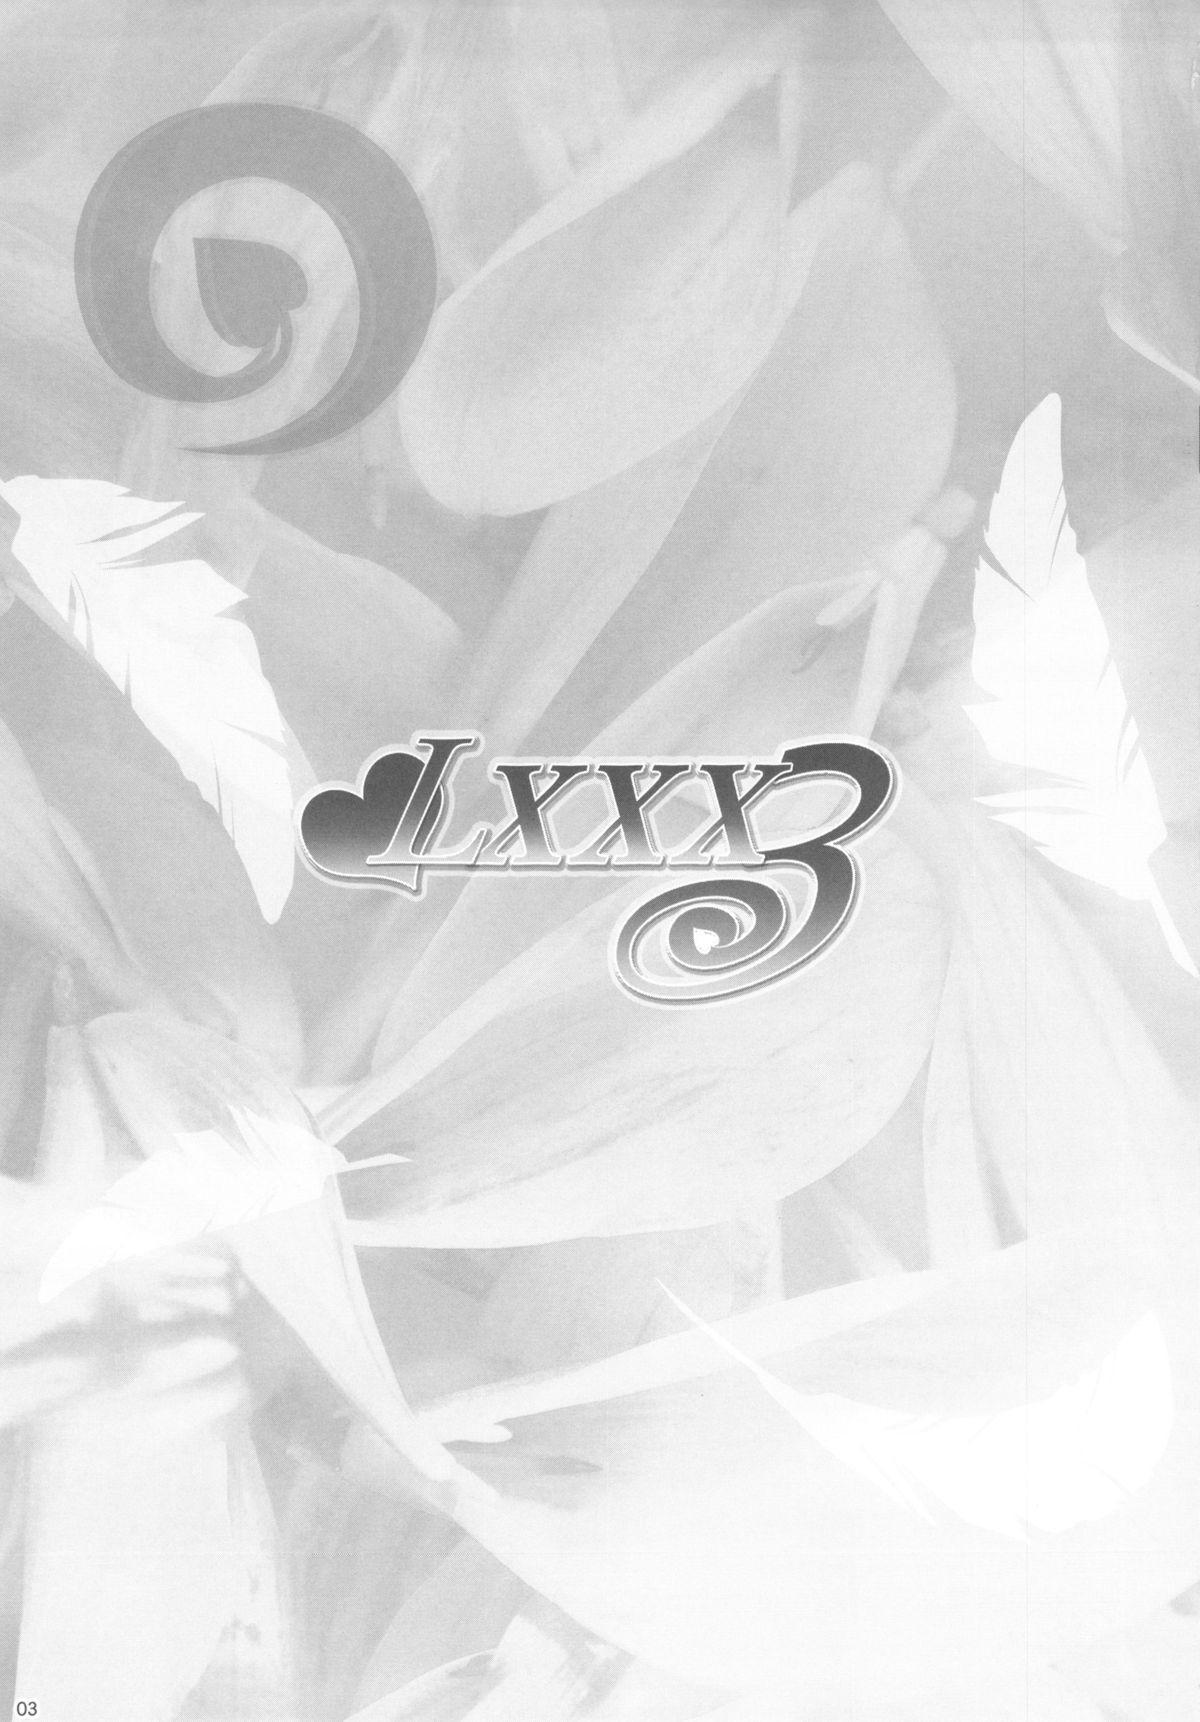 LXXX3 1